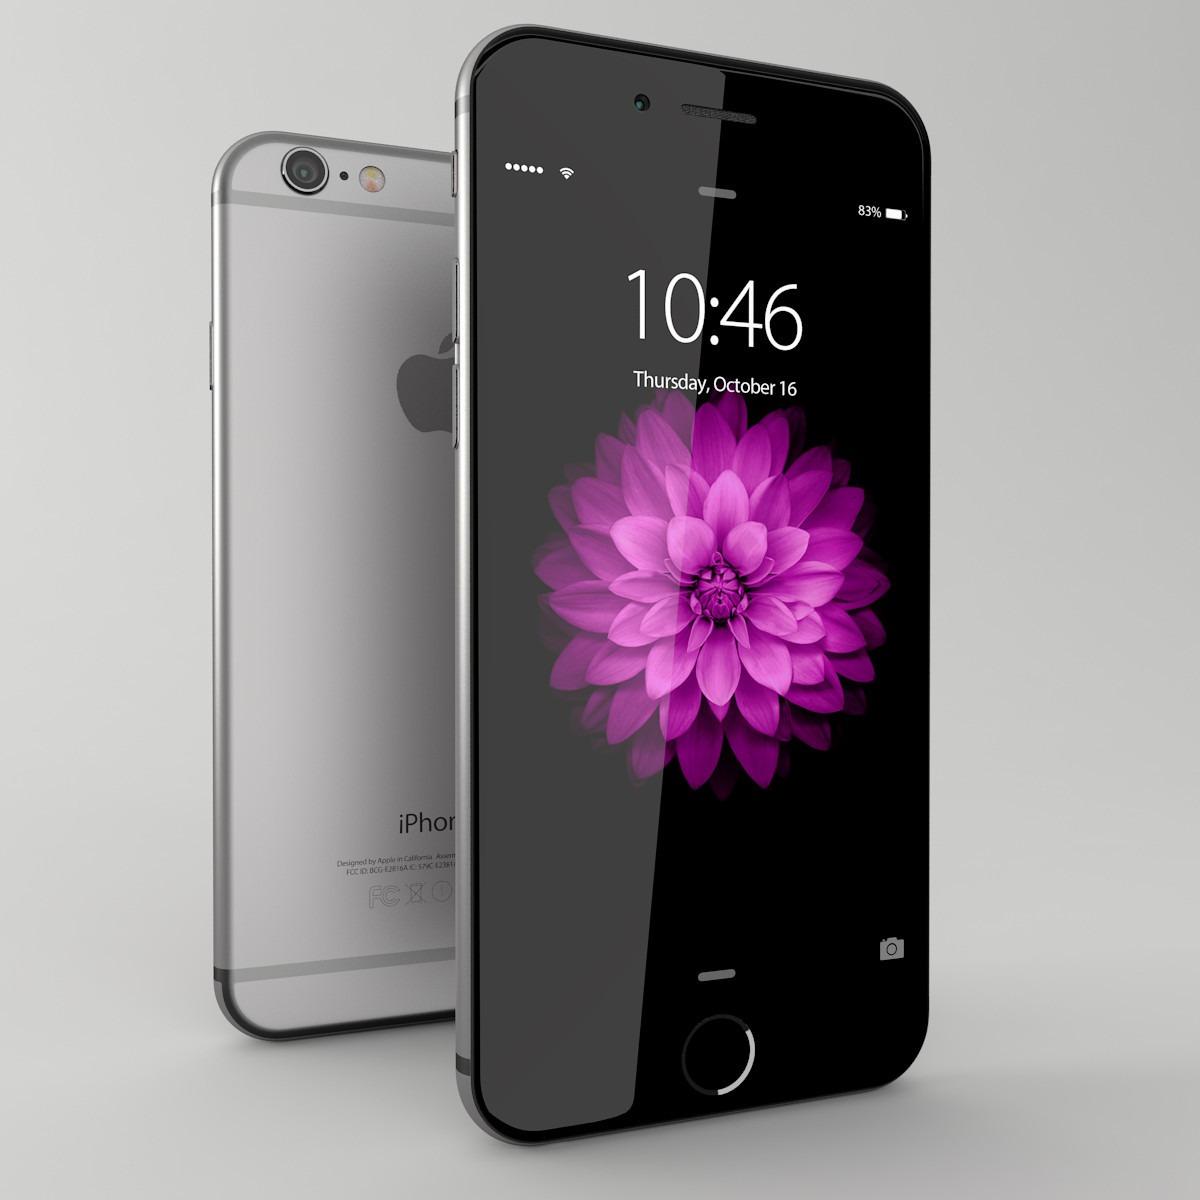 iphone 6 128gb 4g lte apple libre nuevo gray silver extras s en mercado libre. Black Bedroom Furniture Sets. Home Design Ideas